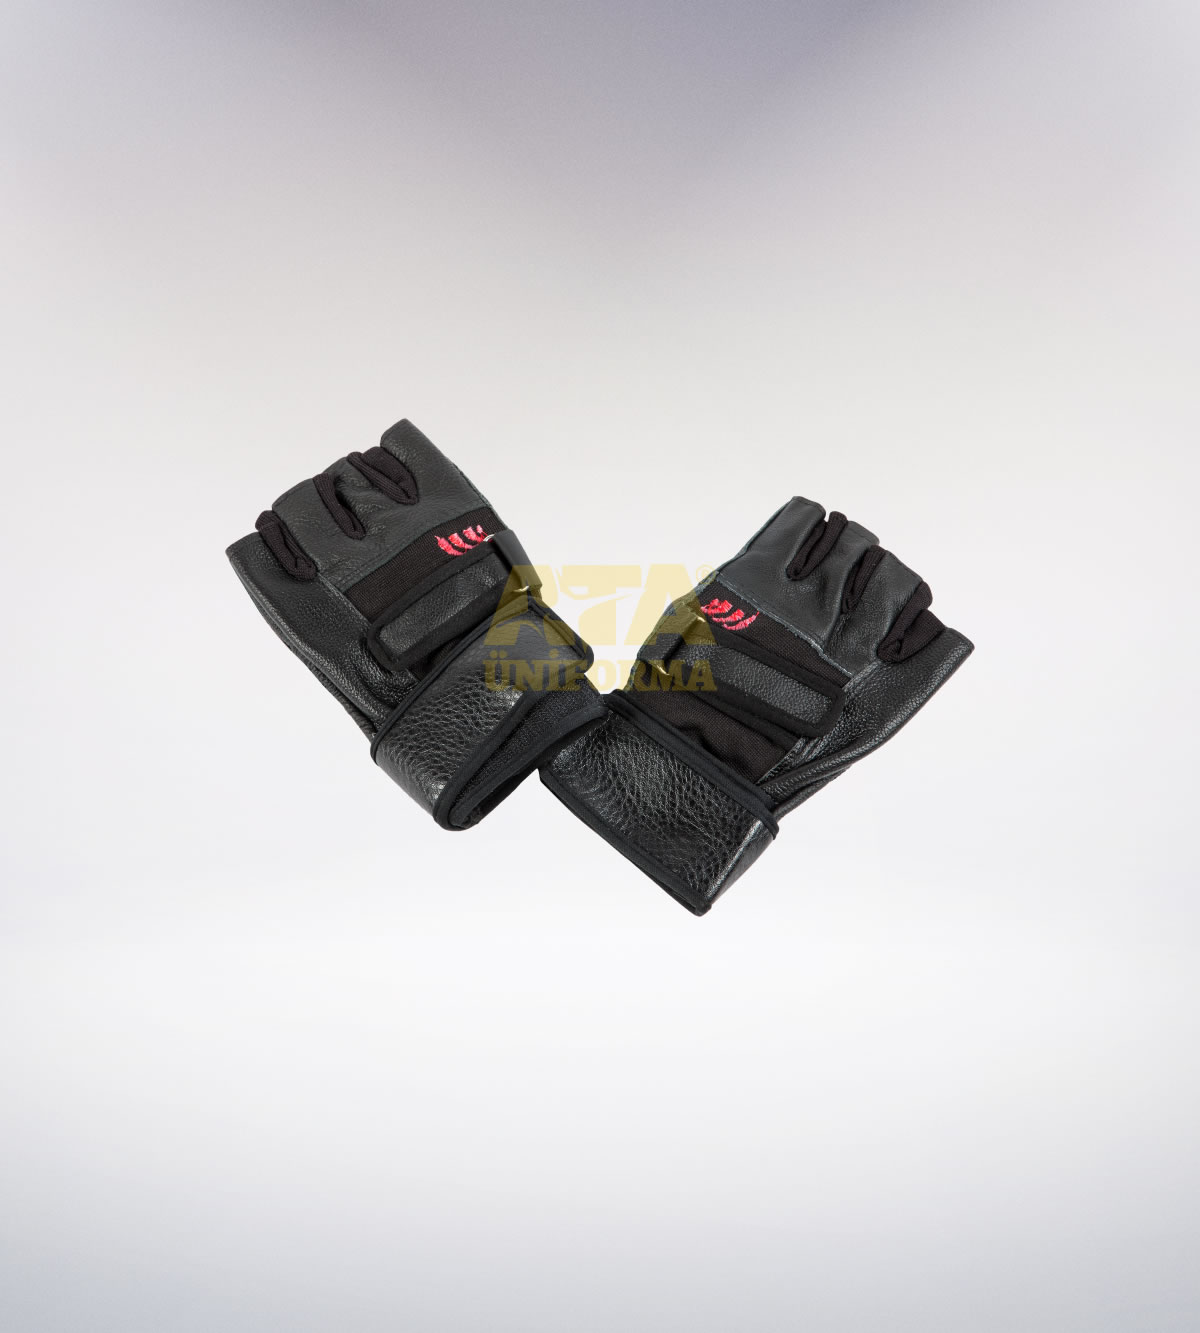 ATA-1080 İş eldiven - iş elbiseleri | iş  üniformaları | iş kıyafetleri